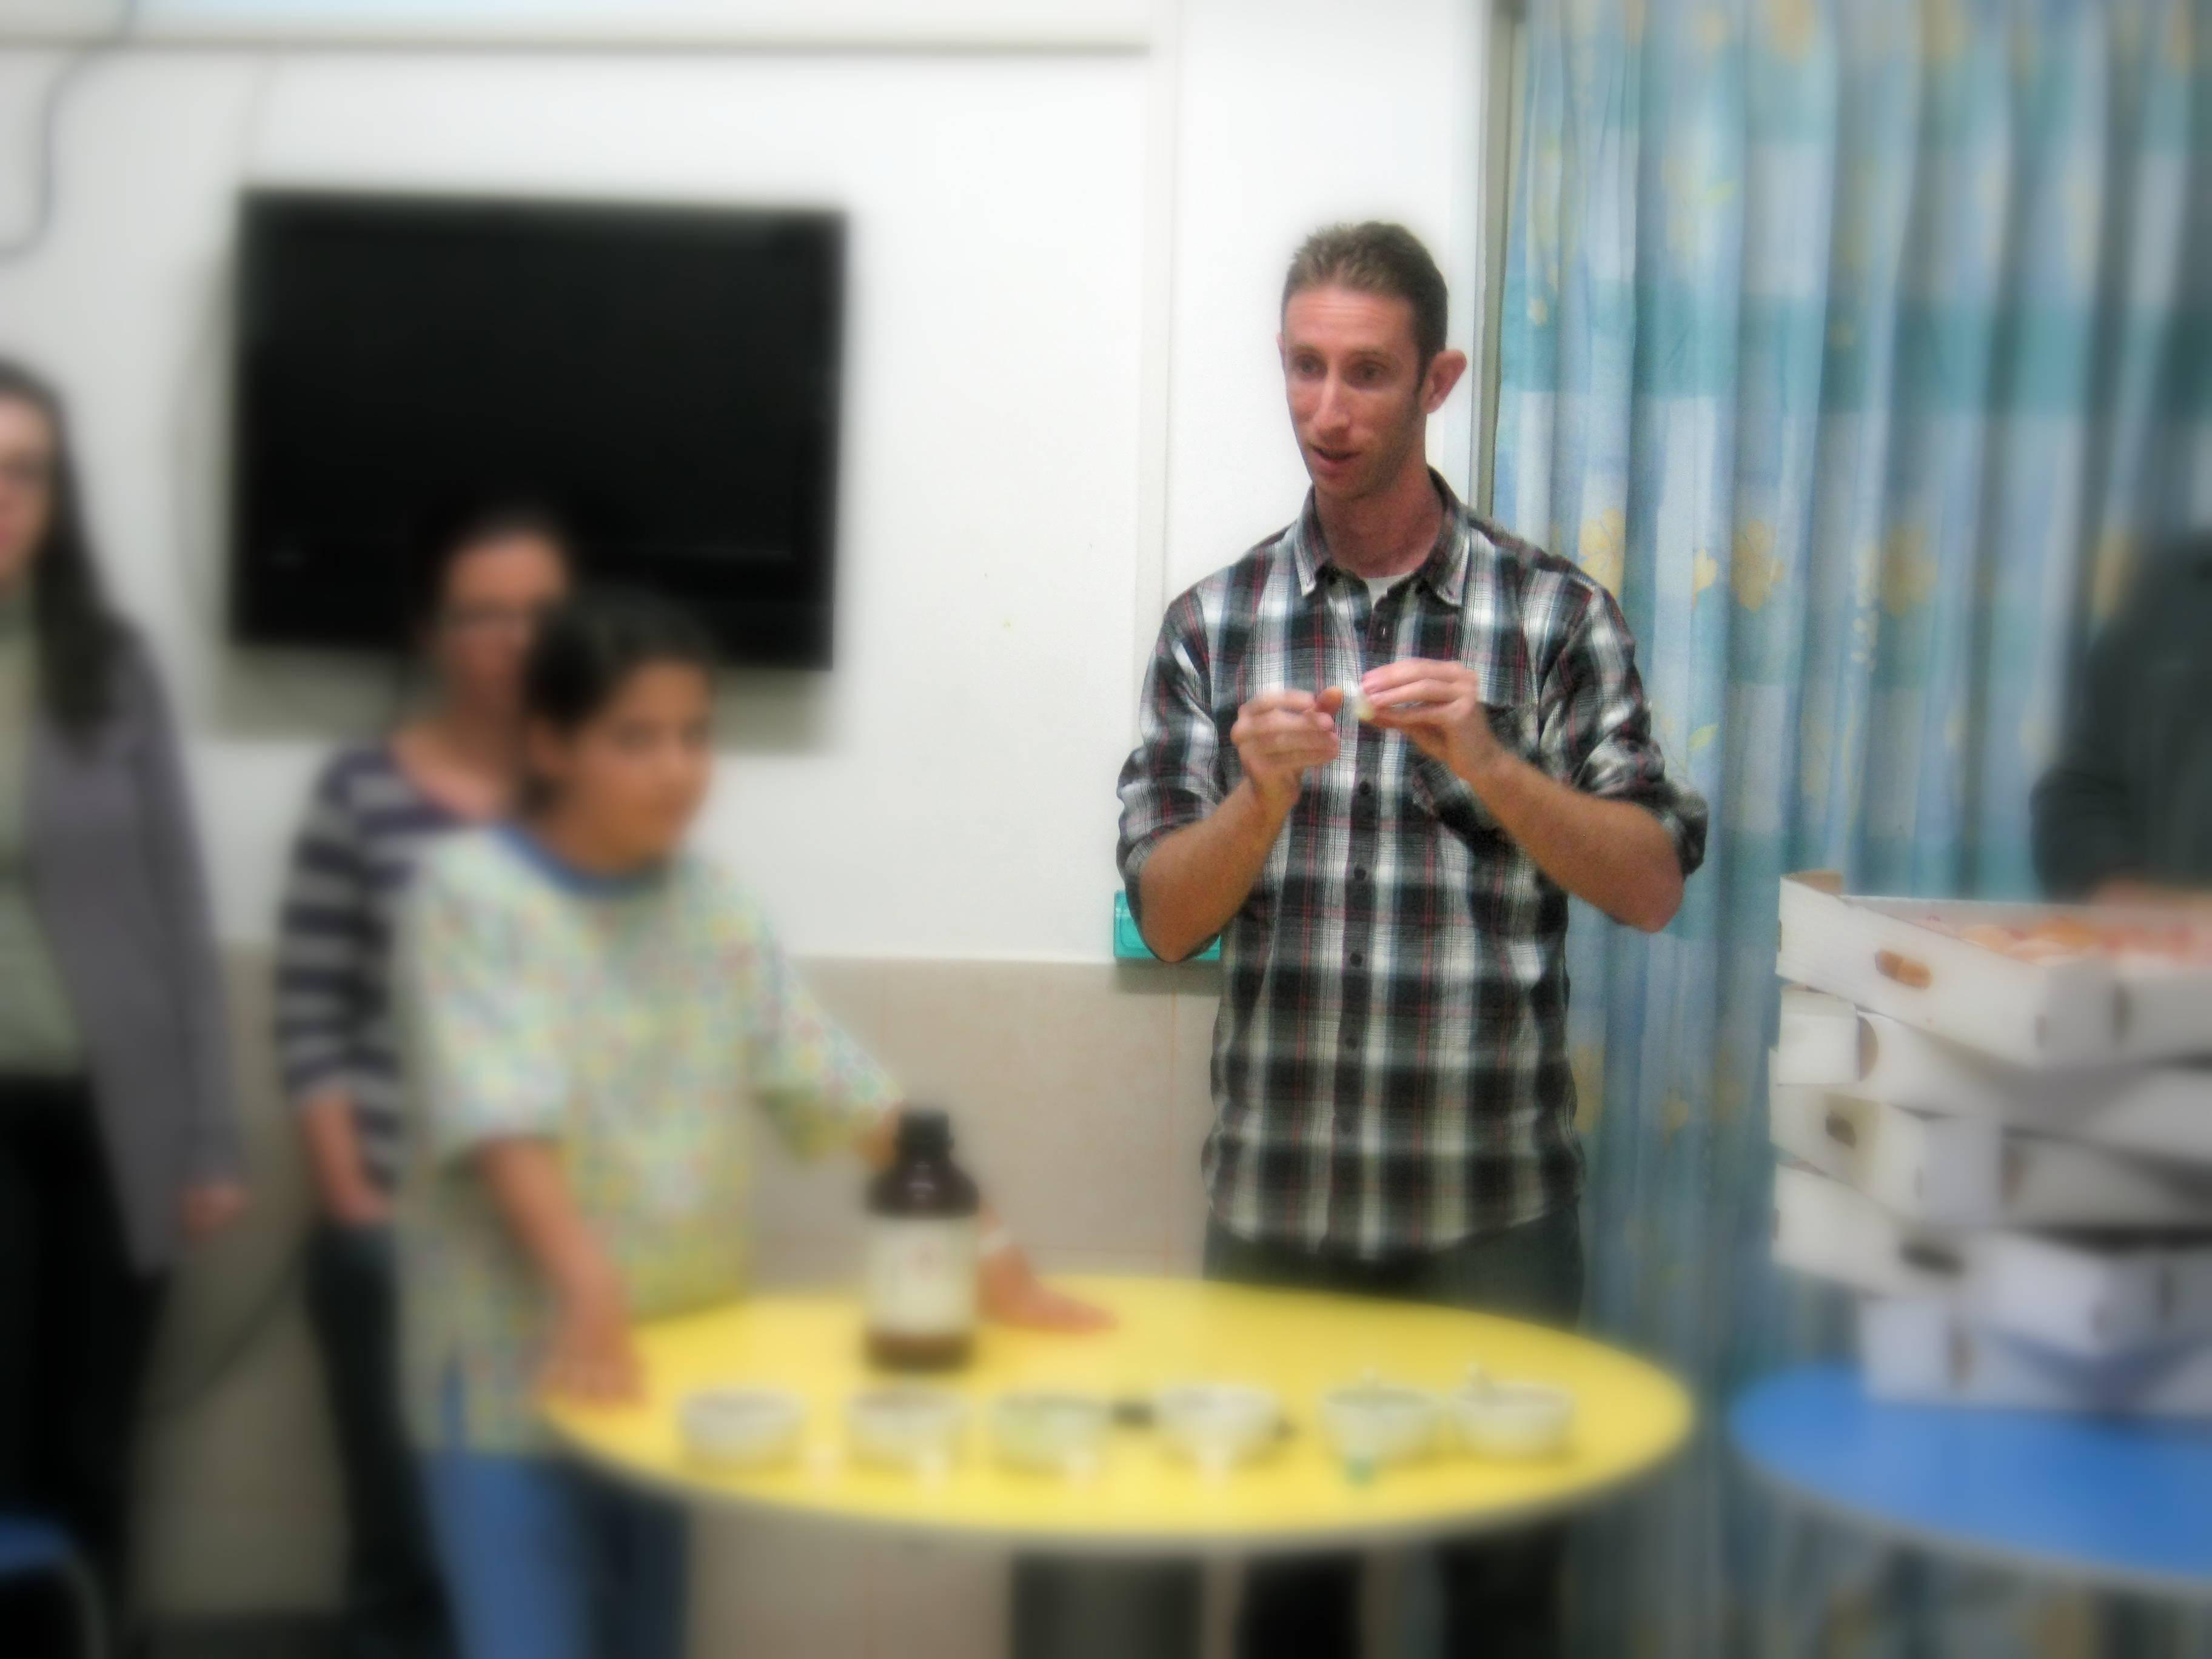 """פעילות התנדבותית לילדים בבי""""ח 'קפלן' - Volunteering activity for children in hospital"""